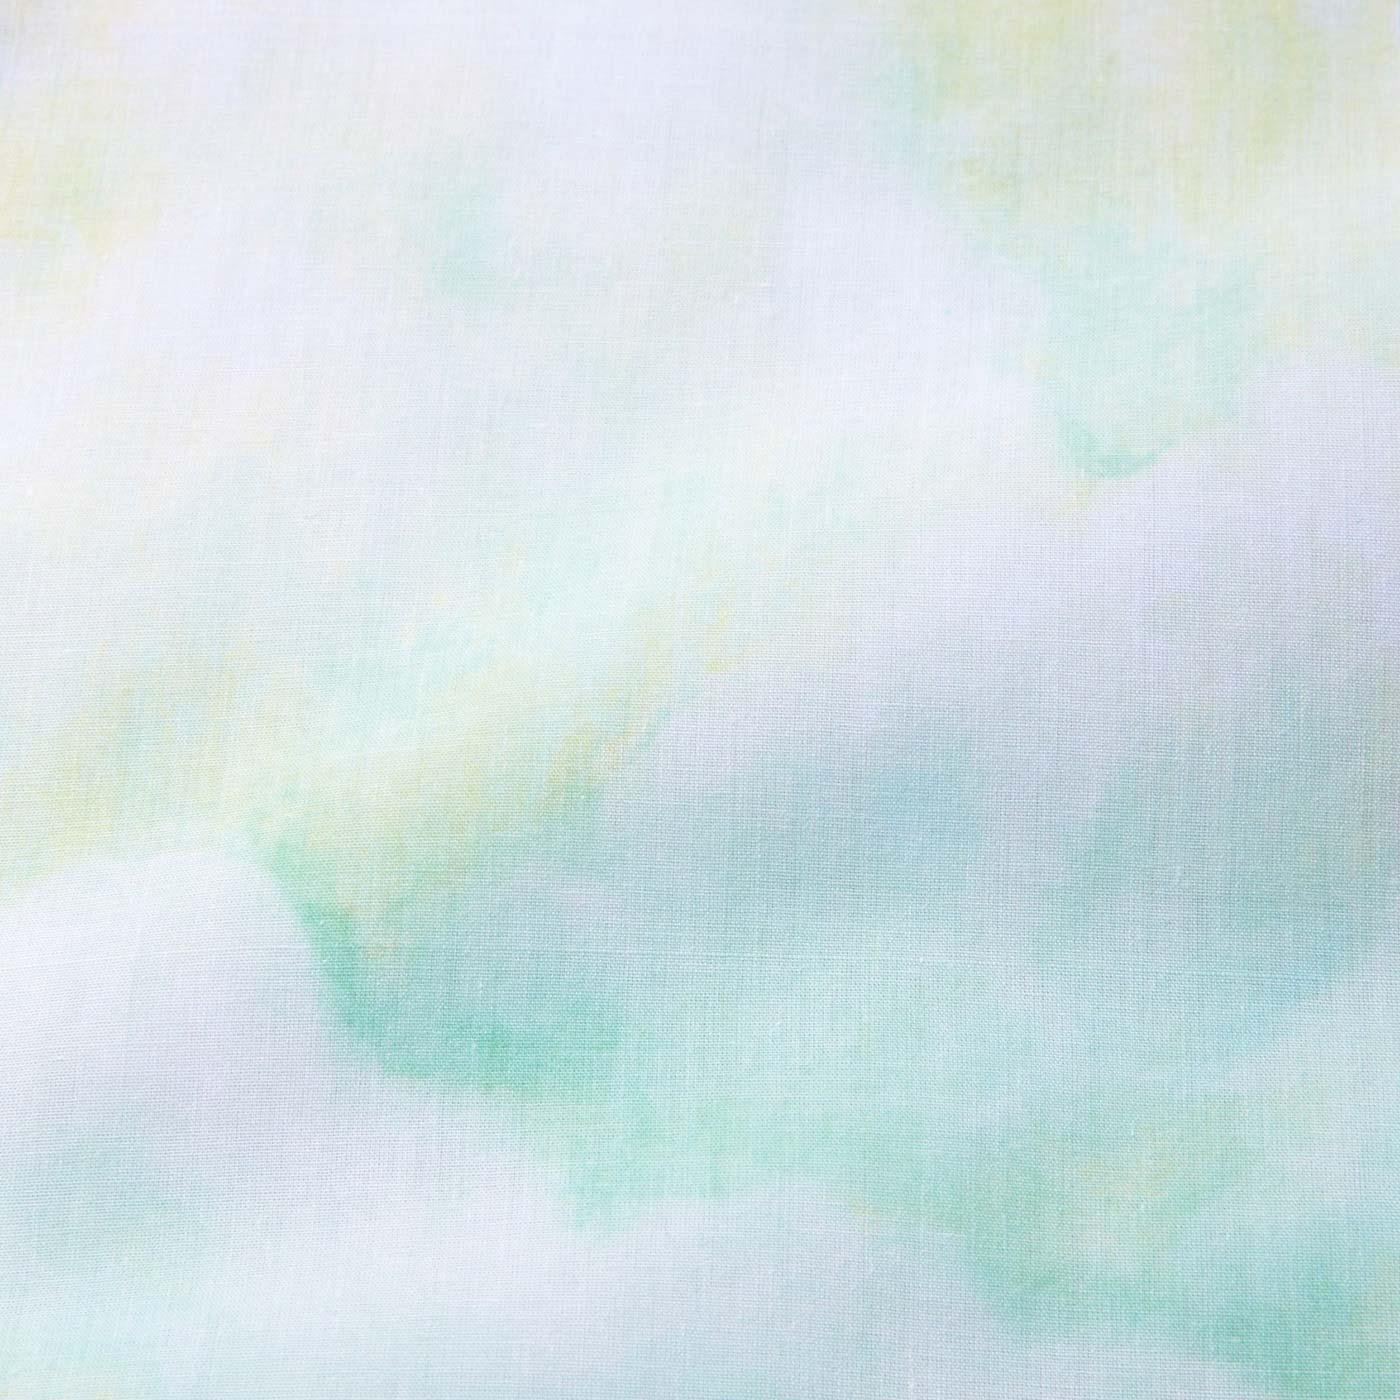 リアルな水彩画をプリントで再現。複雑な色遣いと繊細なタッチに注目!